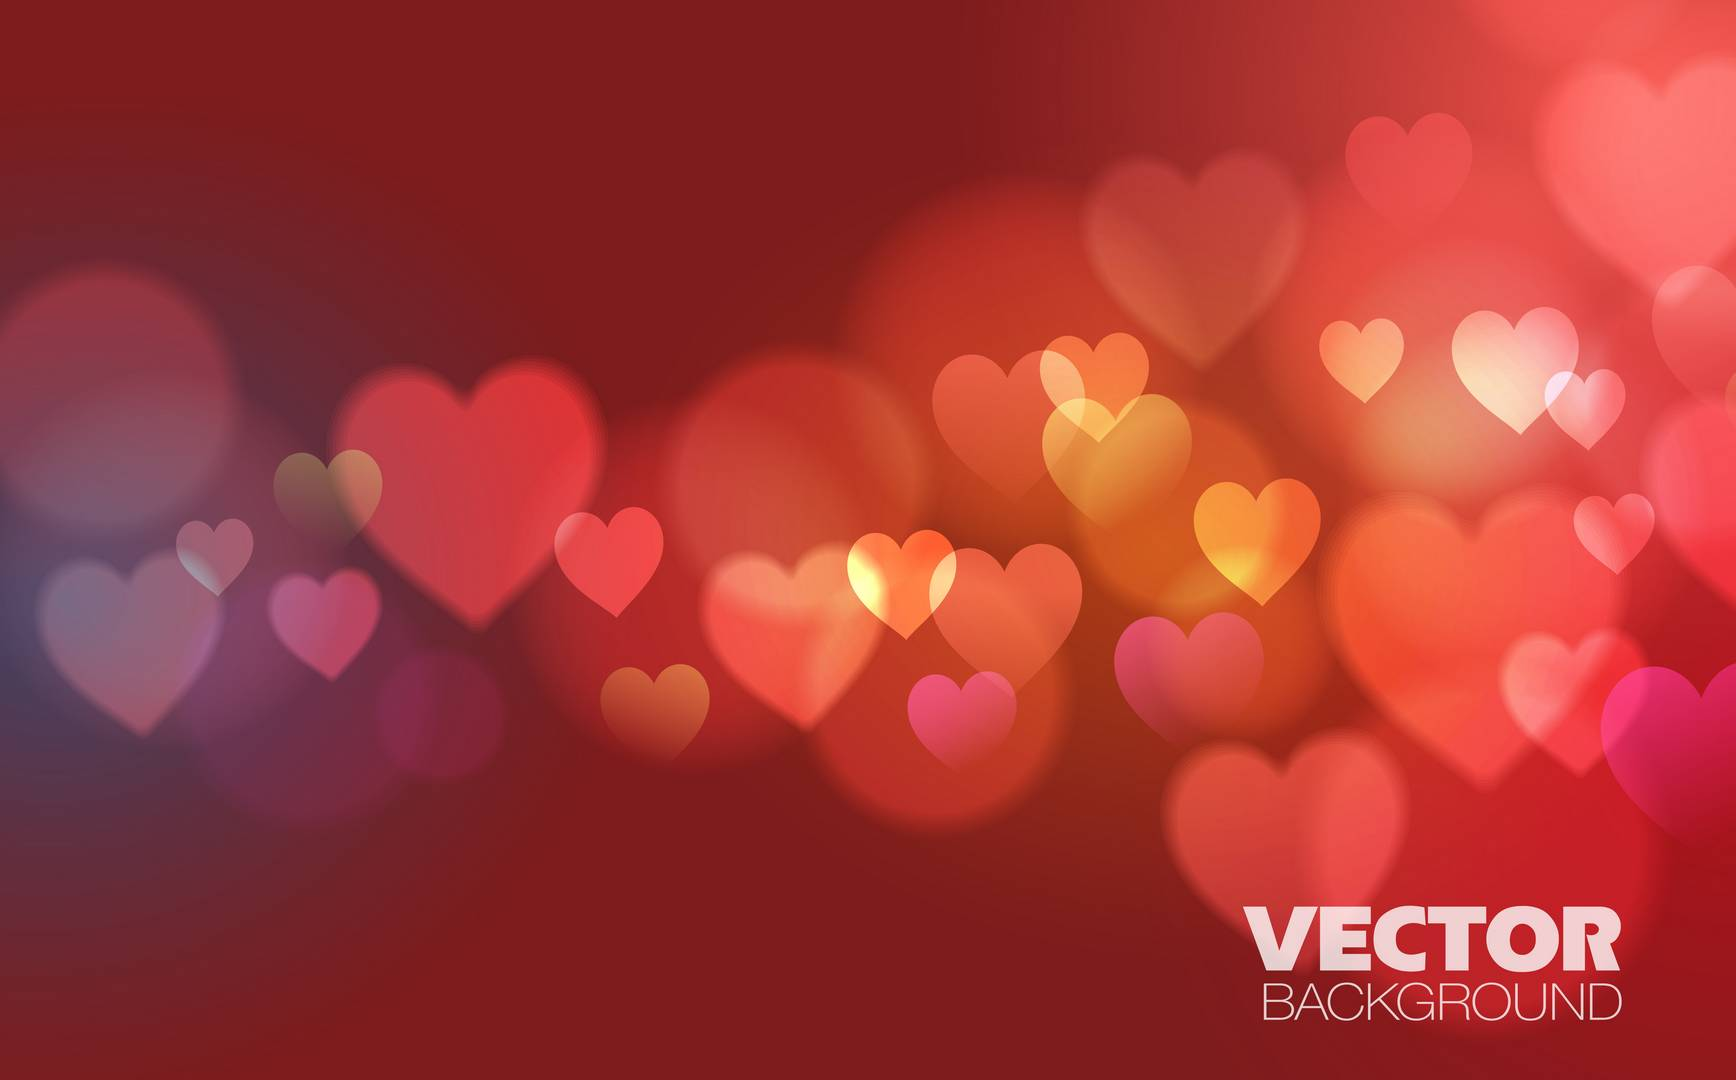 valentine day background 1736x1080